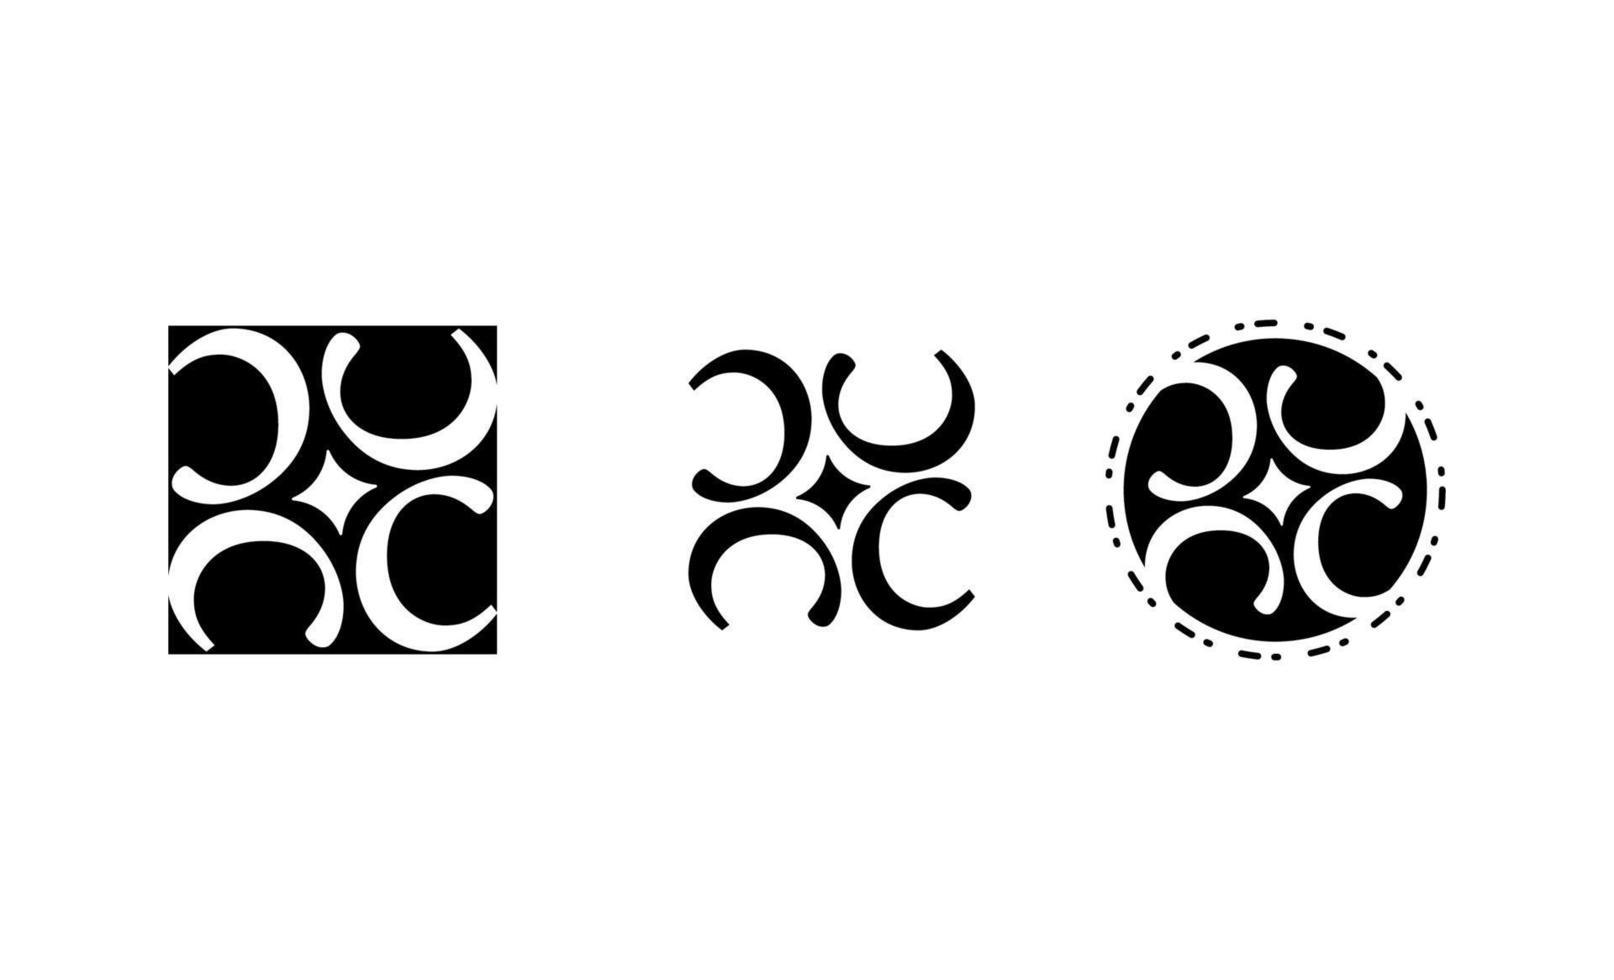 anfängliche c elegante Logo-Design-Vektorillustration vektor